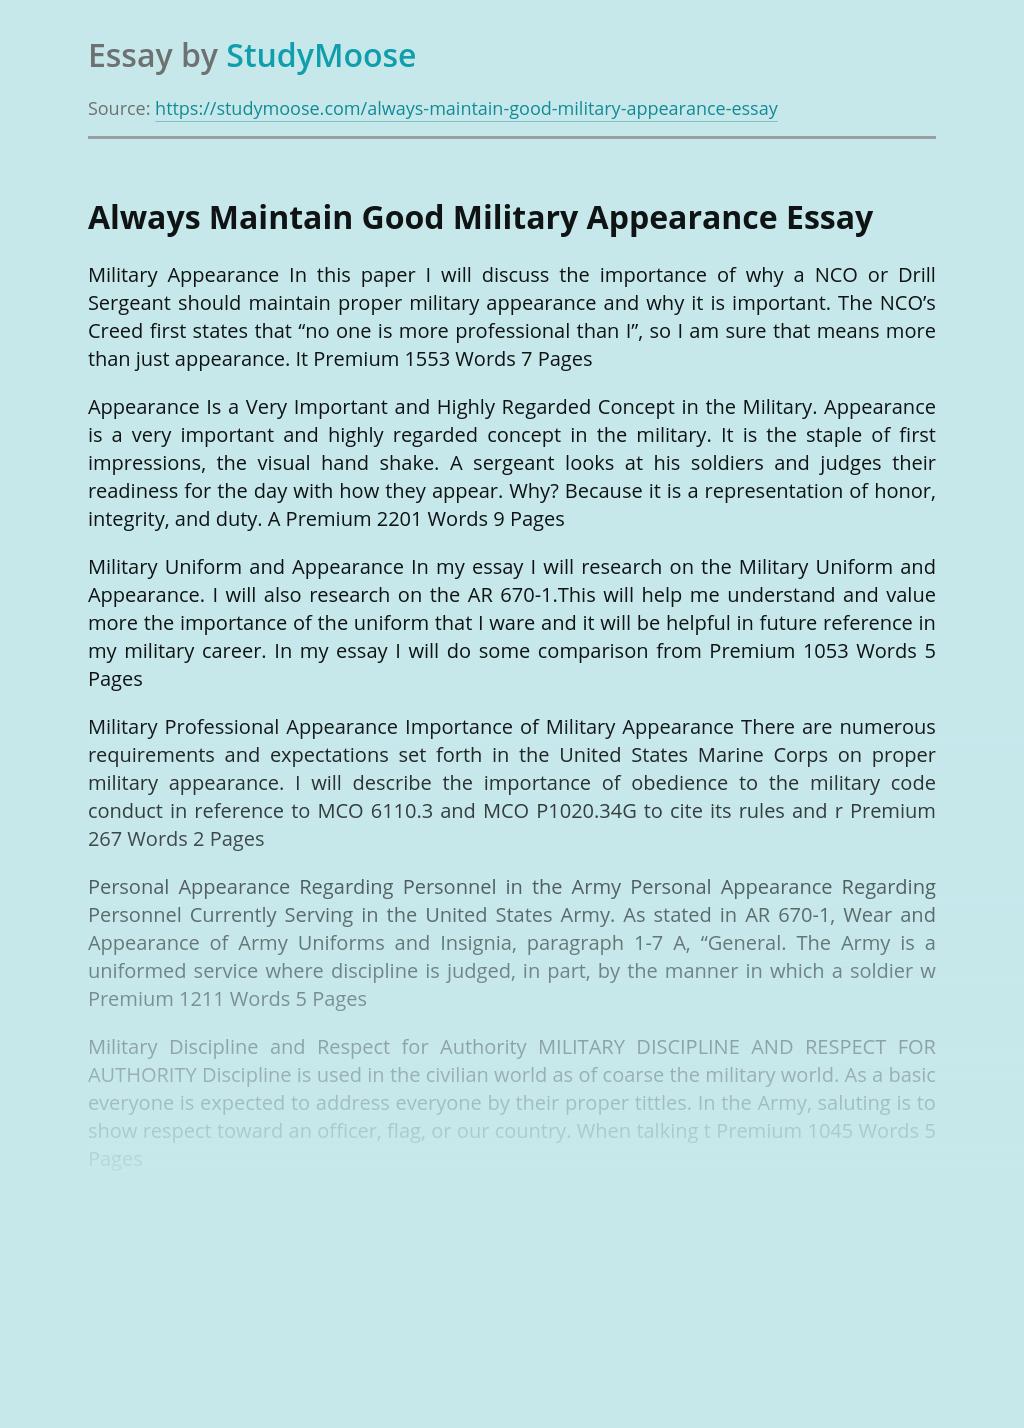 Always Maintain Good Military Appearance